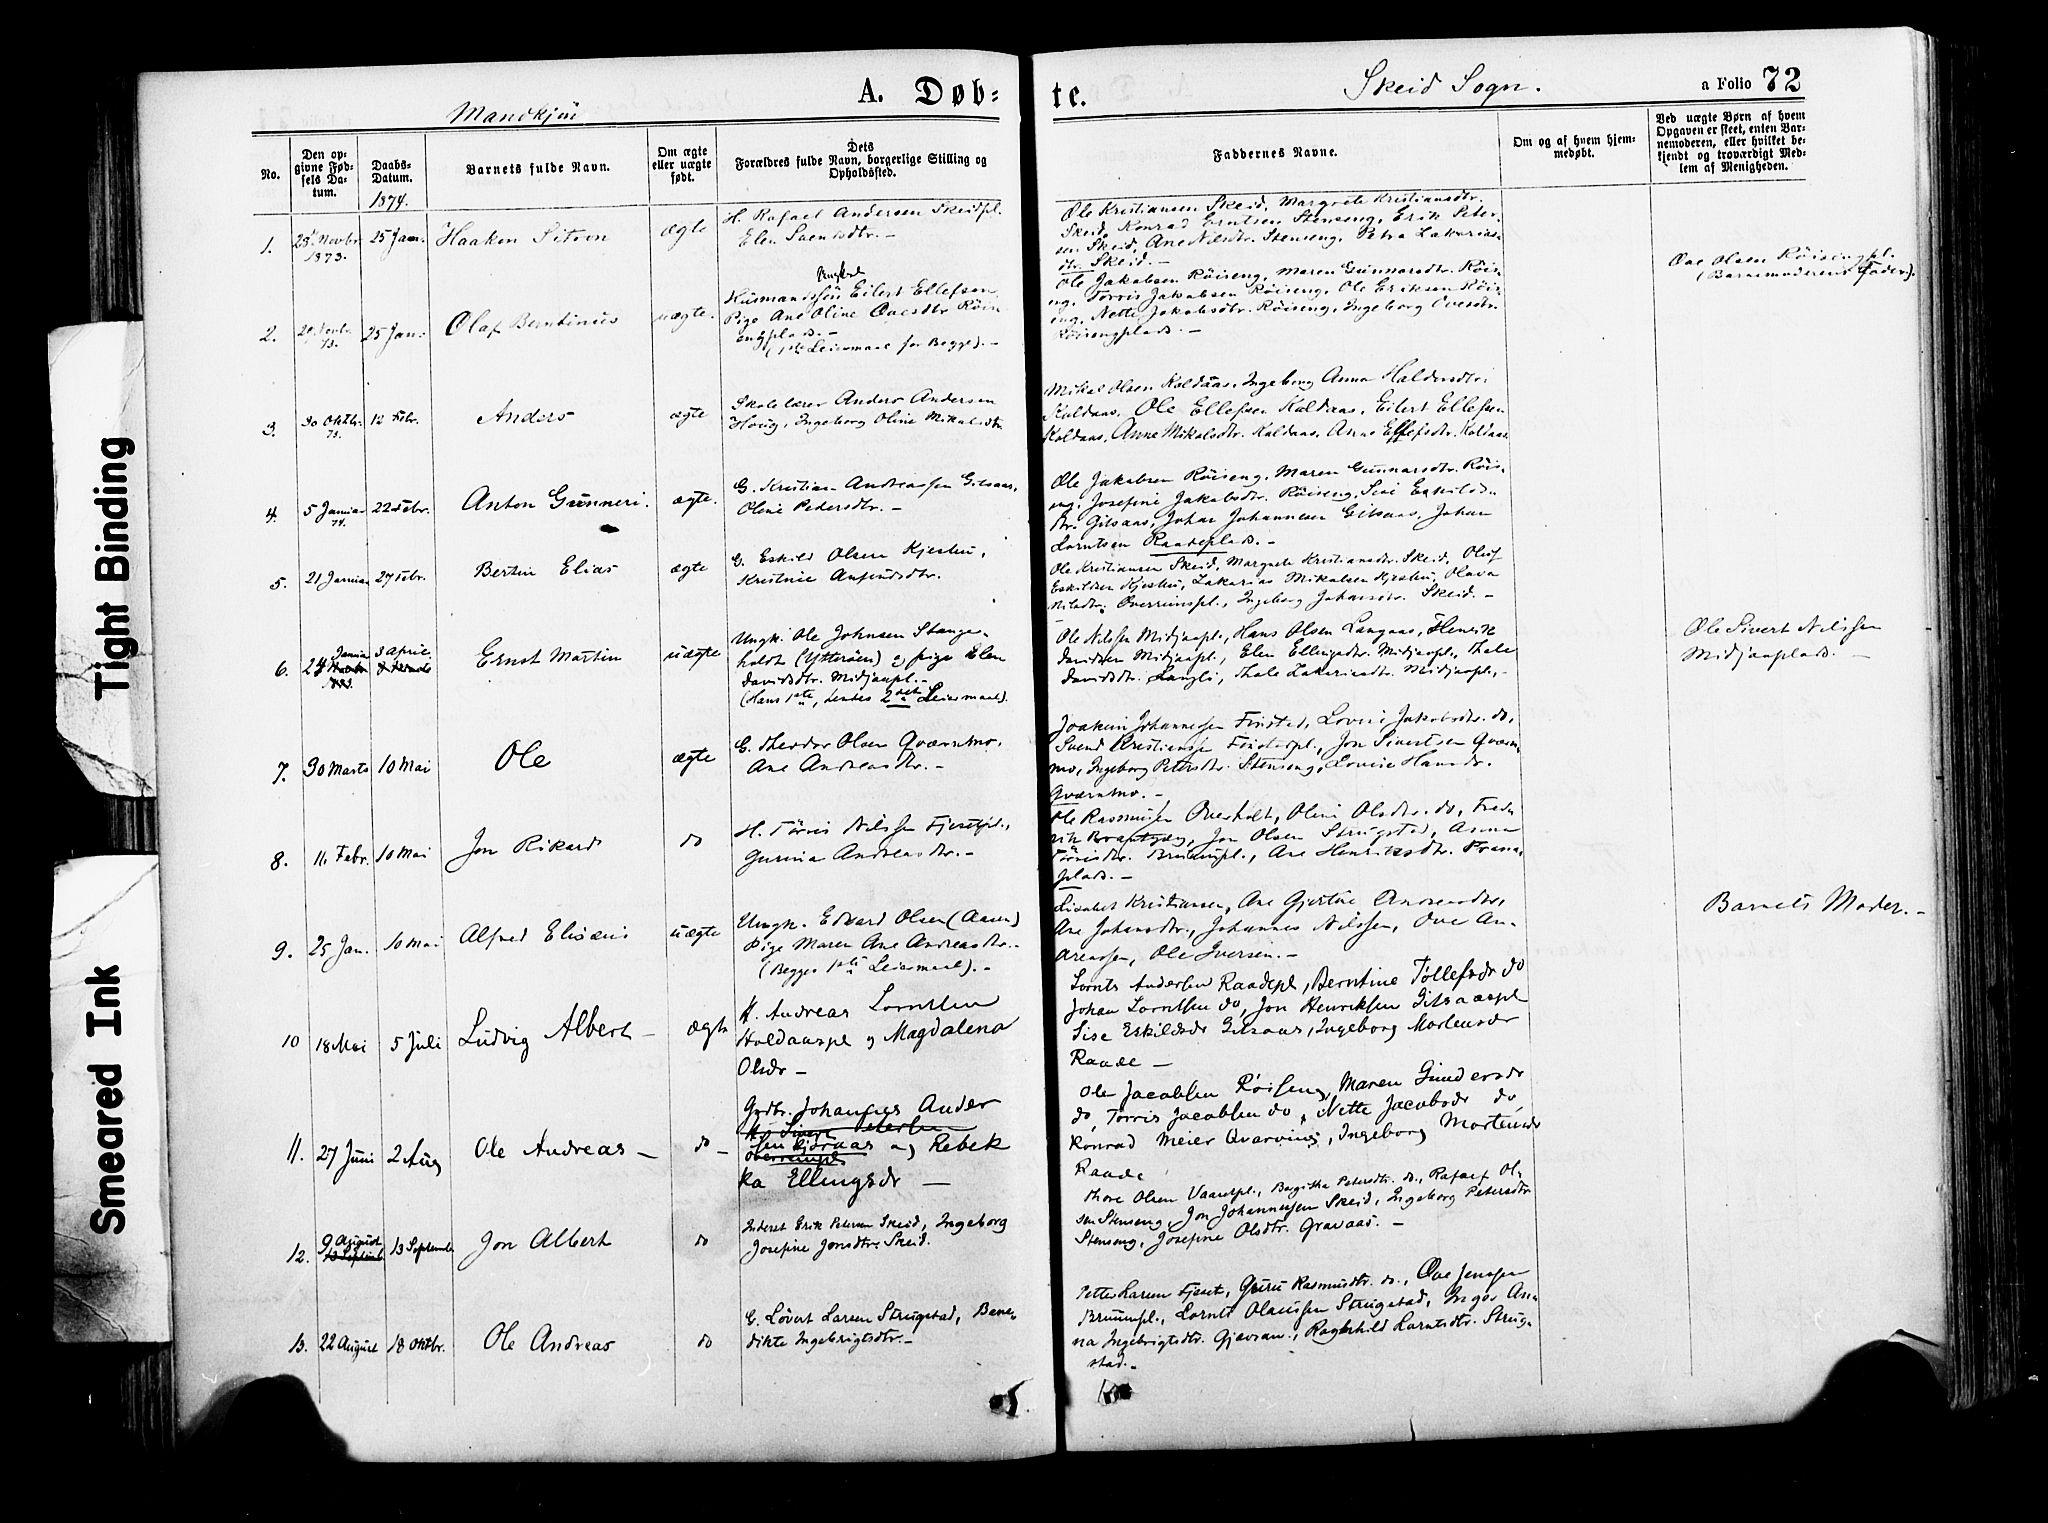 SAT, Ministerialprotokoller, klokkerbøker og fødselsregistre - Nord-Trøndelag, 735/L0348: Ministerialbok nr. 735A09 /2, 1873-1883, s. 72